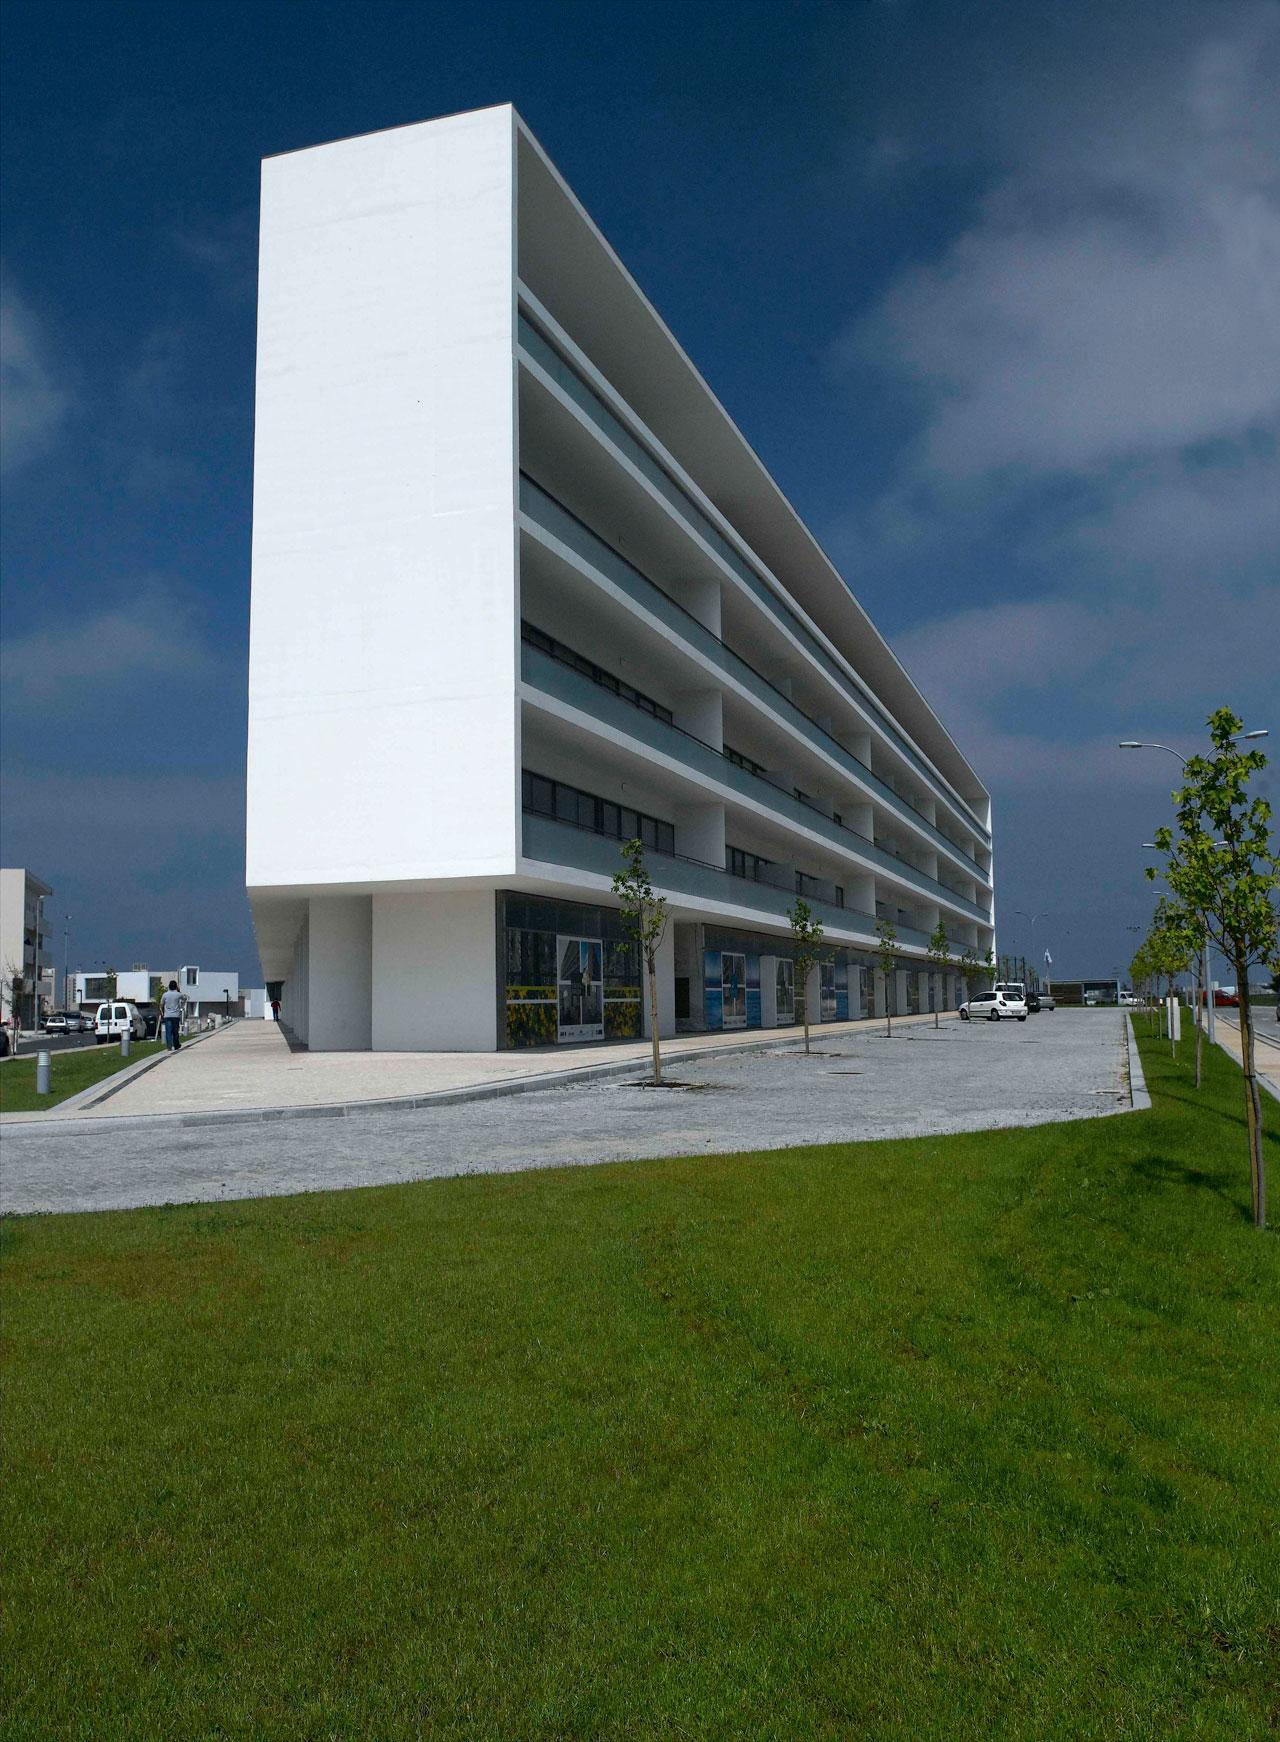 Edifício de Habitação da Póvoa de Varzim / Topos Atelier de Arquitectura, © Xavier Antunes